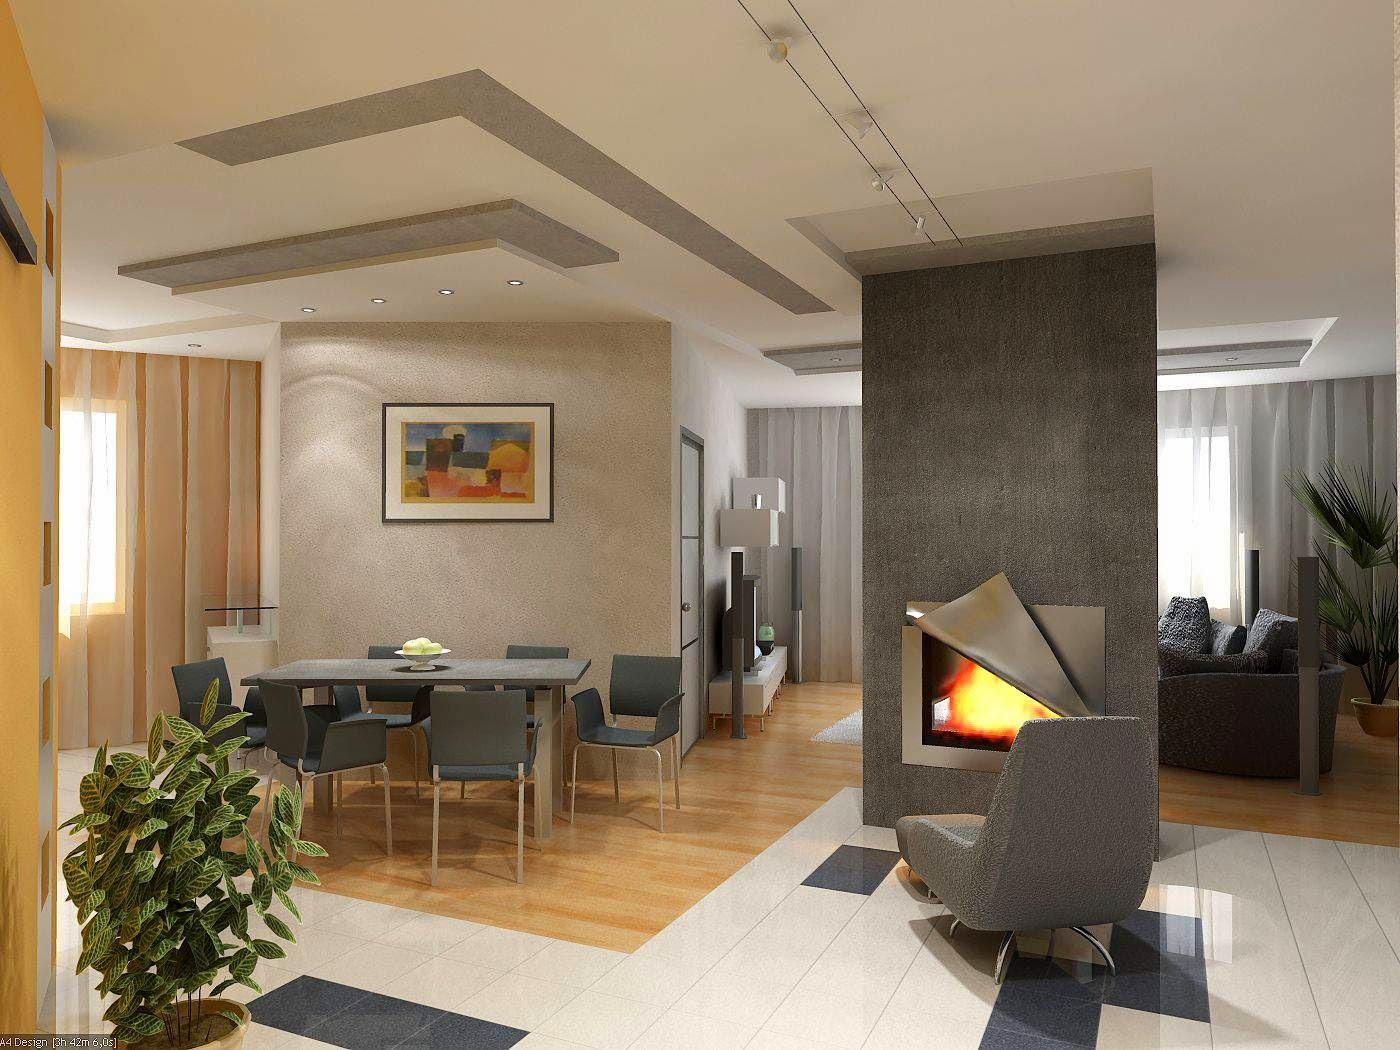 Ideas For Contemporary Interior Design